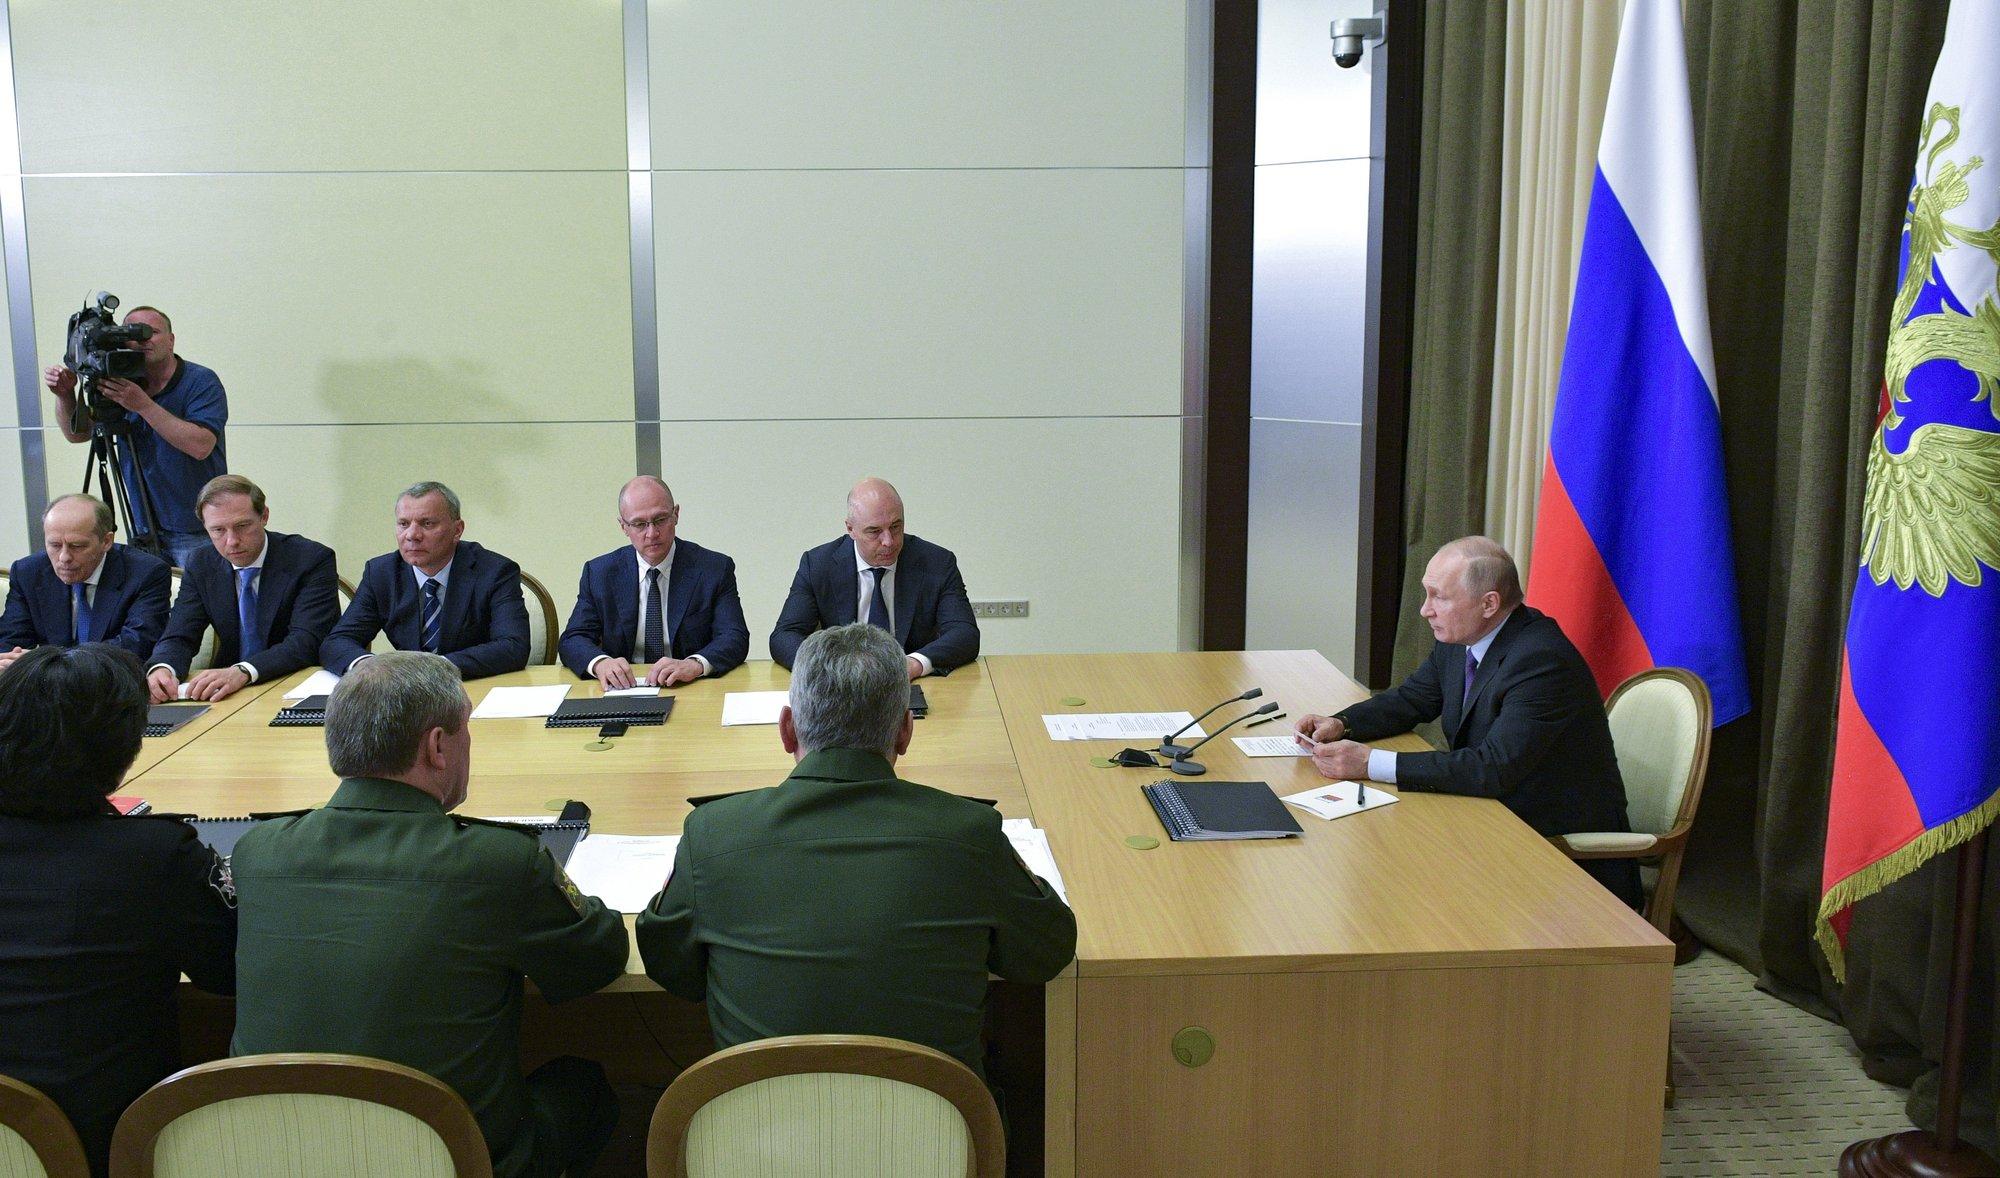 Tổng thống Nga Putin chủ trì một cuộc họp của Quân đội Nga tại căn cứ bên bờ biển đen. Ảnh: AP.